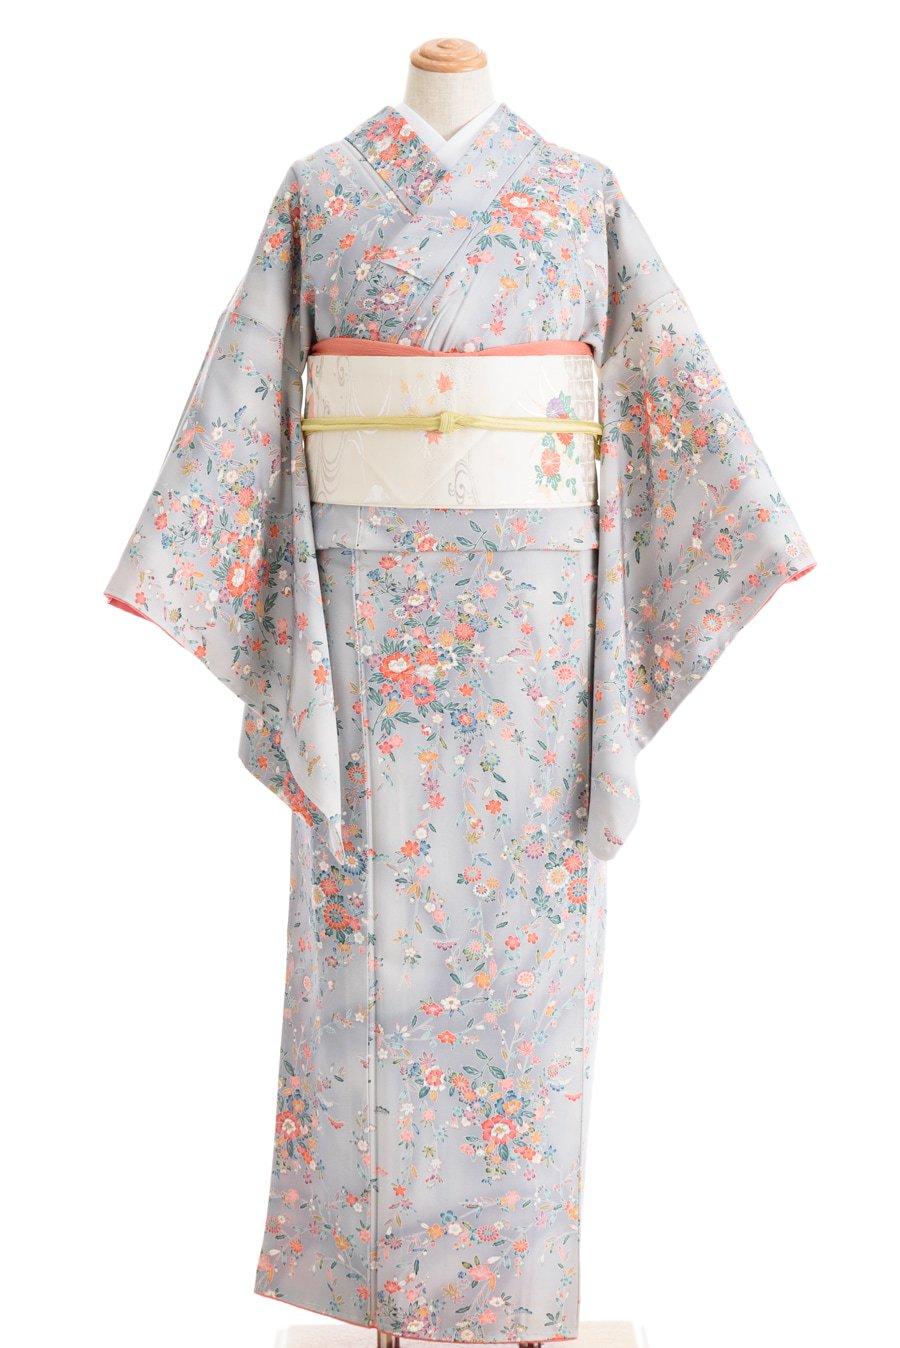 「グレー暈し 枝垂れ桜や牡丹菊など」の商品画像